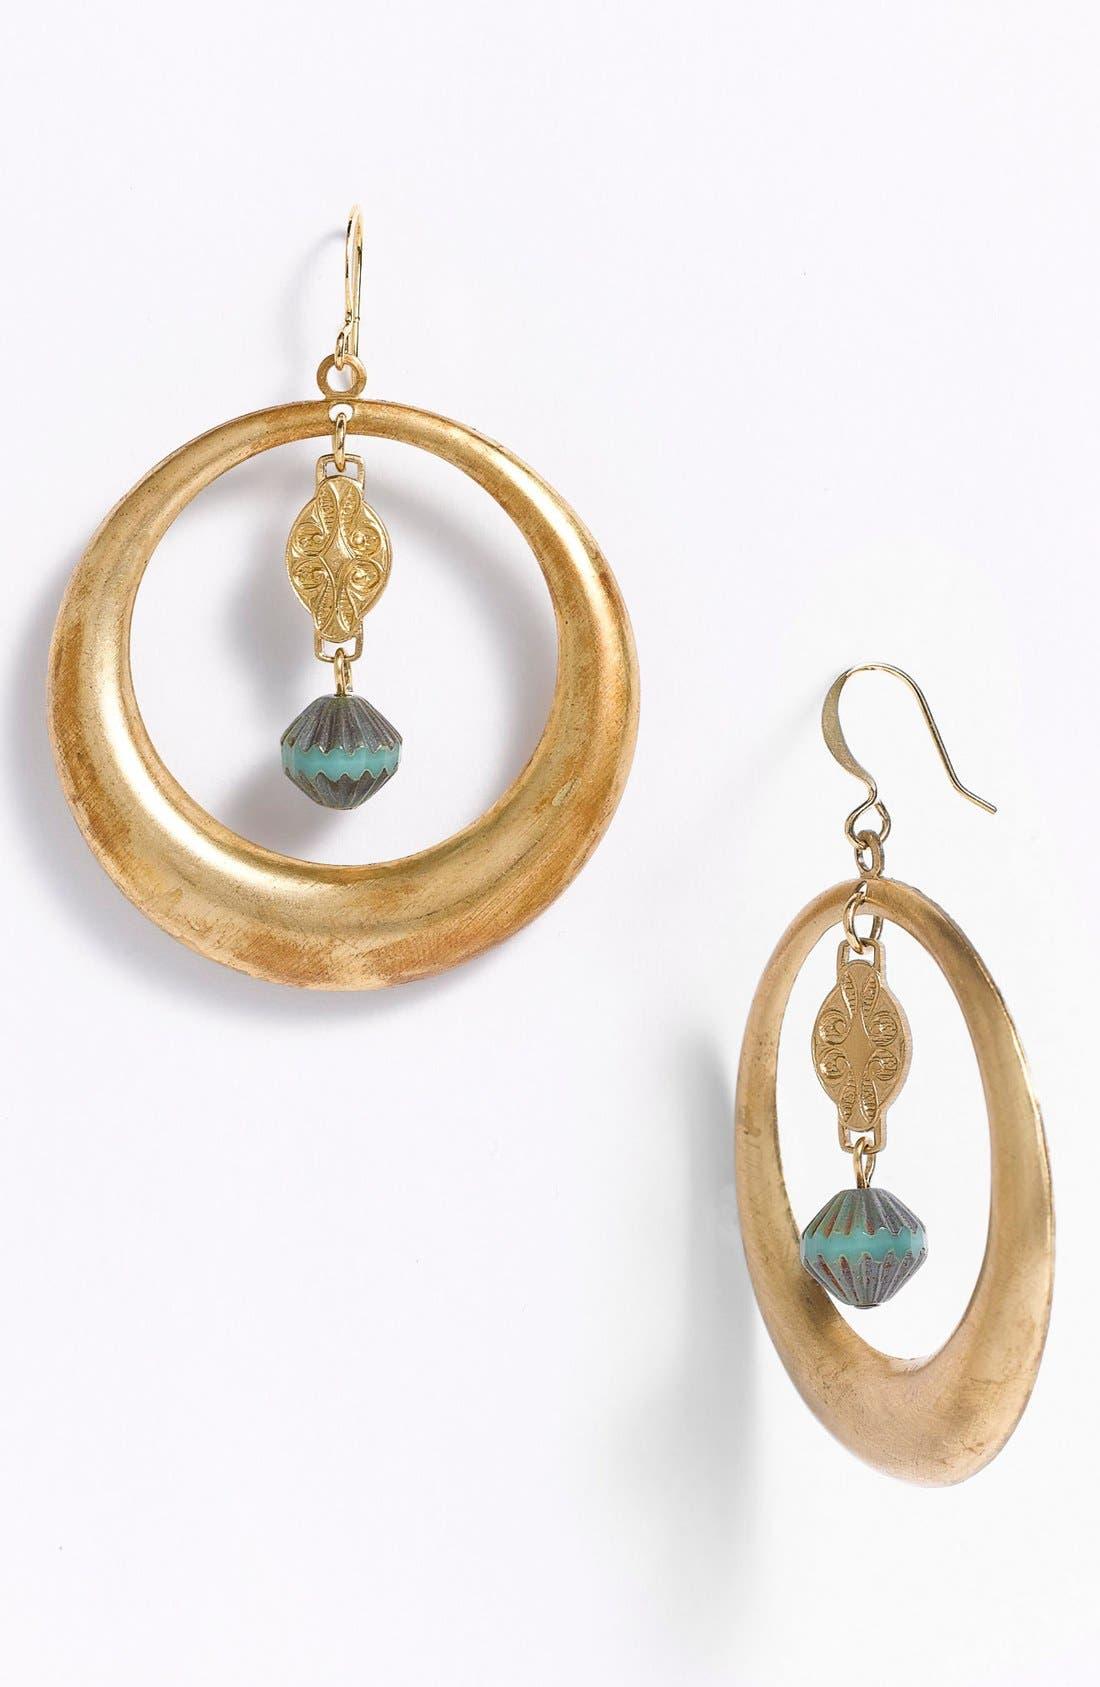 Alternate Image 1 Selected - Verdier Jewelry Hoop Earrings